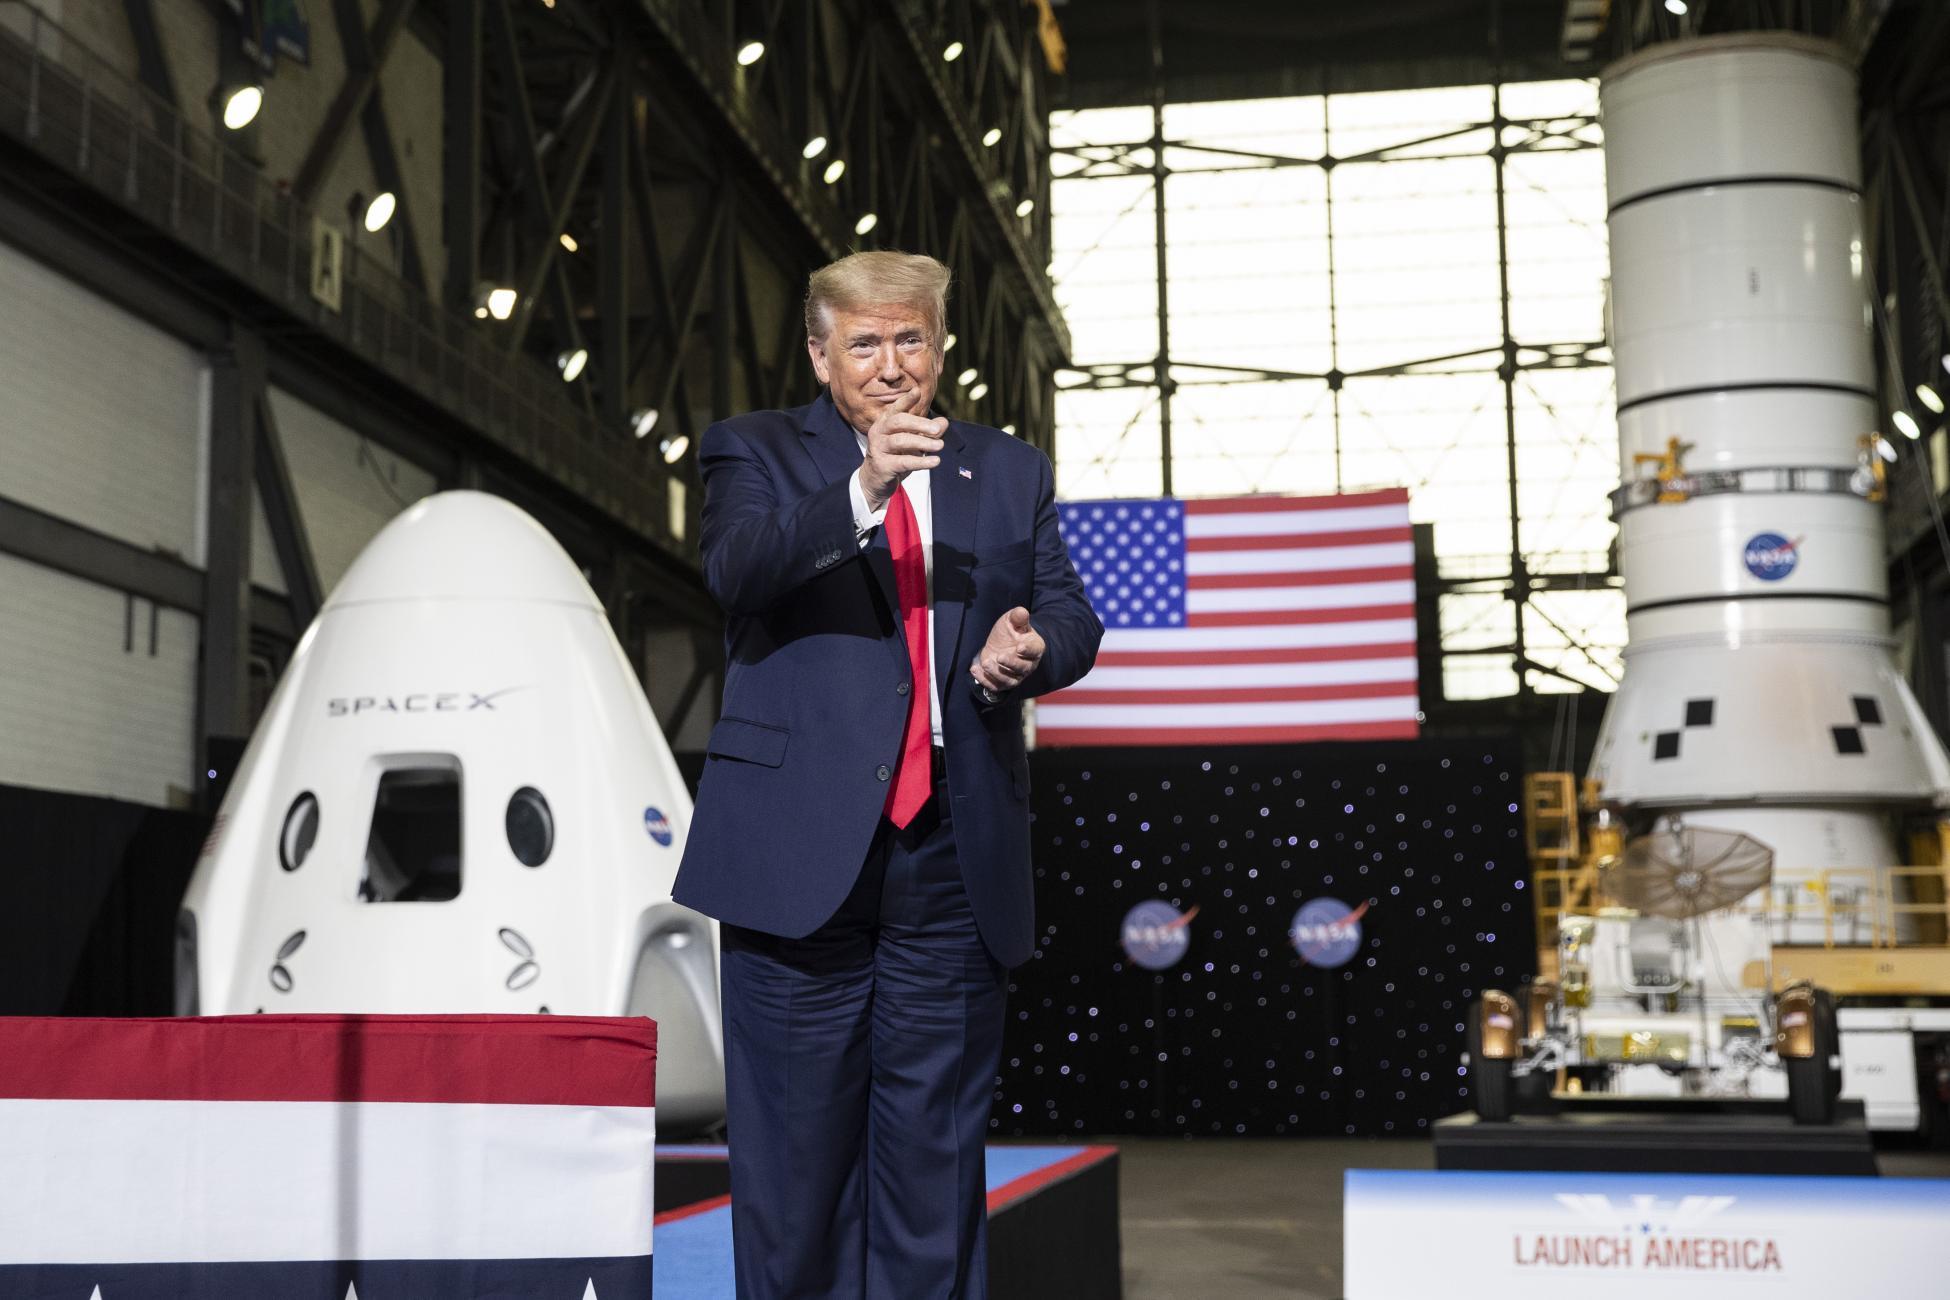 O Ντ. Τραμπ στις εγκαταστάσεις της Space X